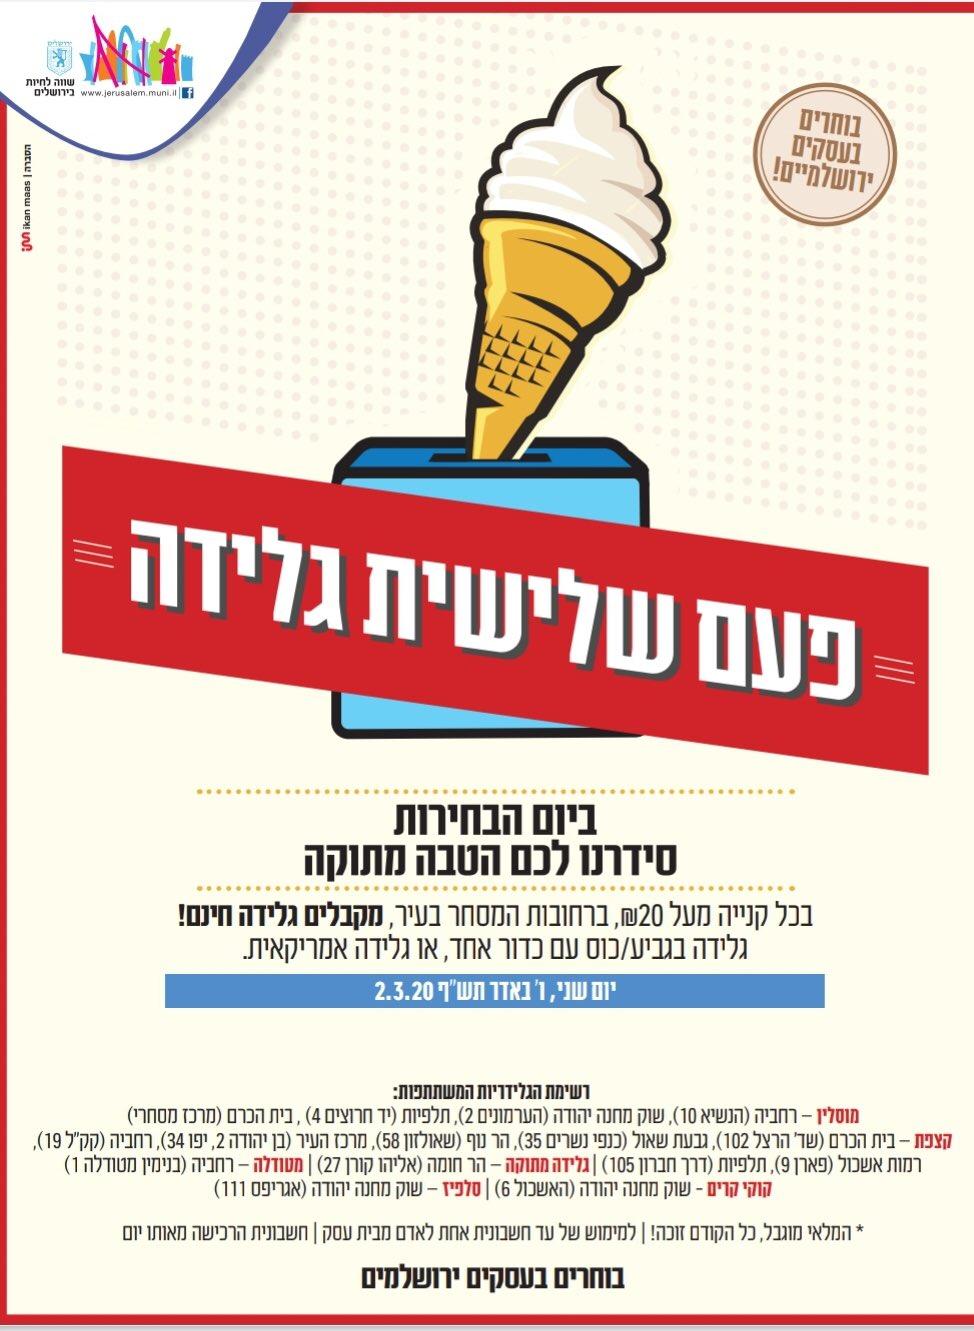 פעם שלישית גלידה. תמונה: עיריית ירושלים